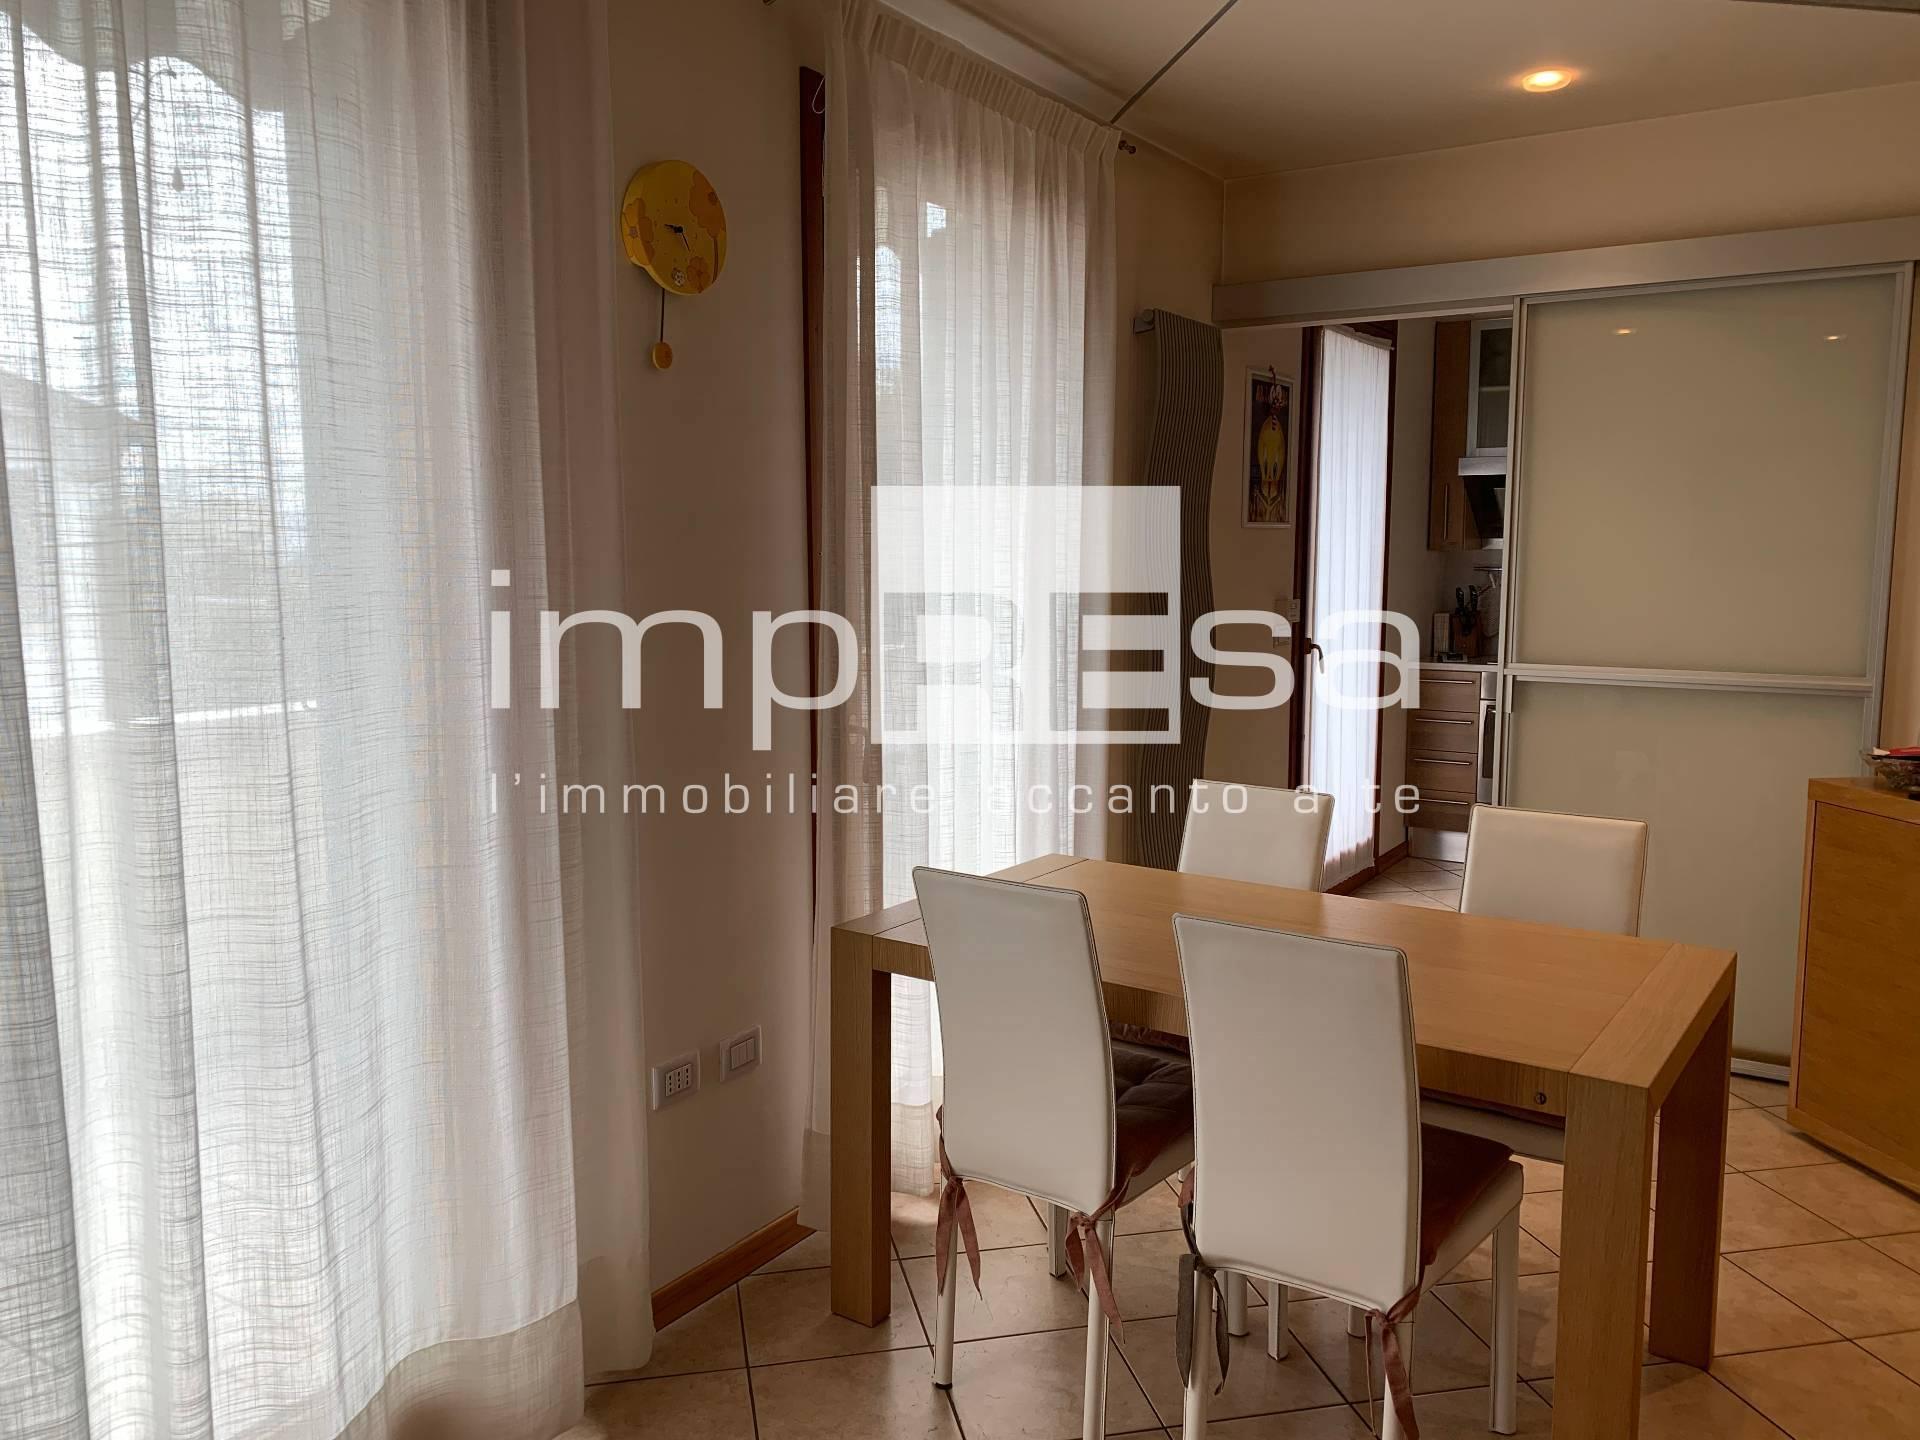 Appartamento in vendita a Martellago, 3 locali, prezzo € 179.000 | PortaleAgenzieImmobiliari.it